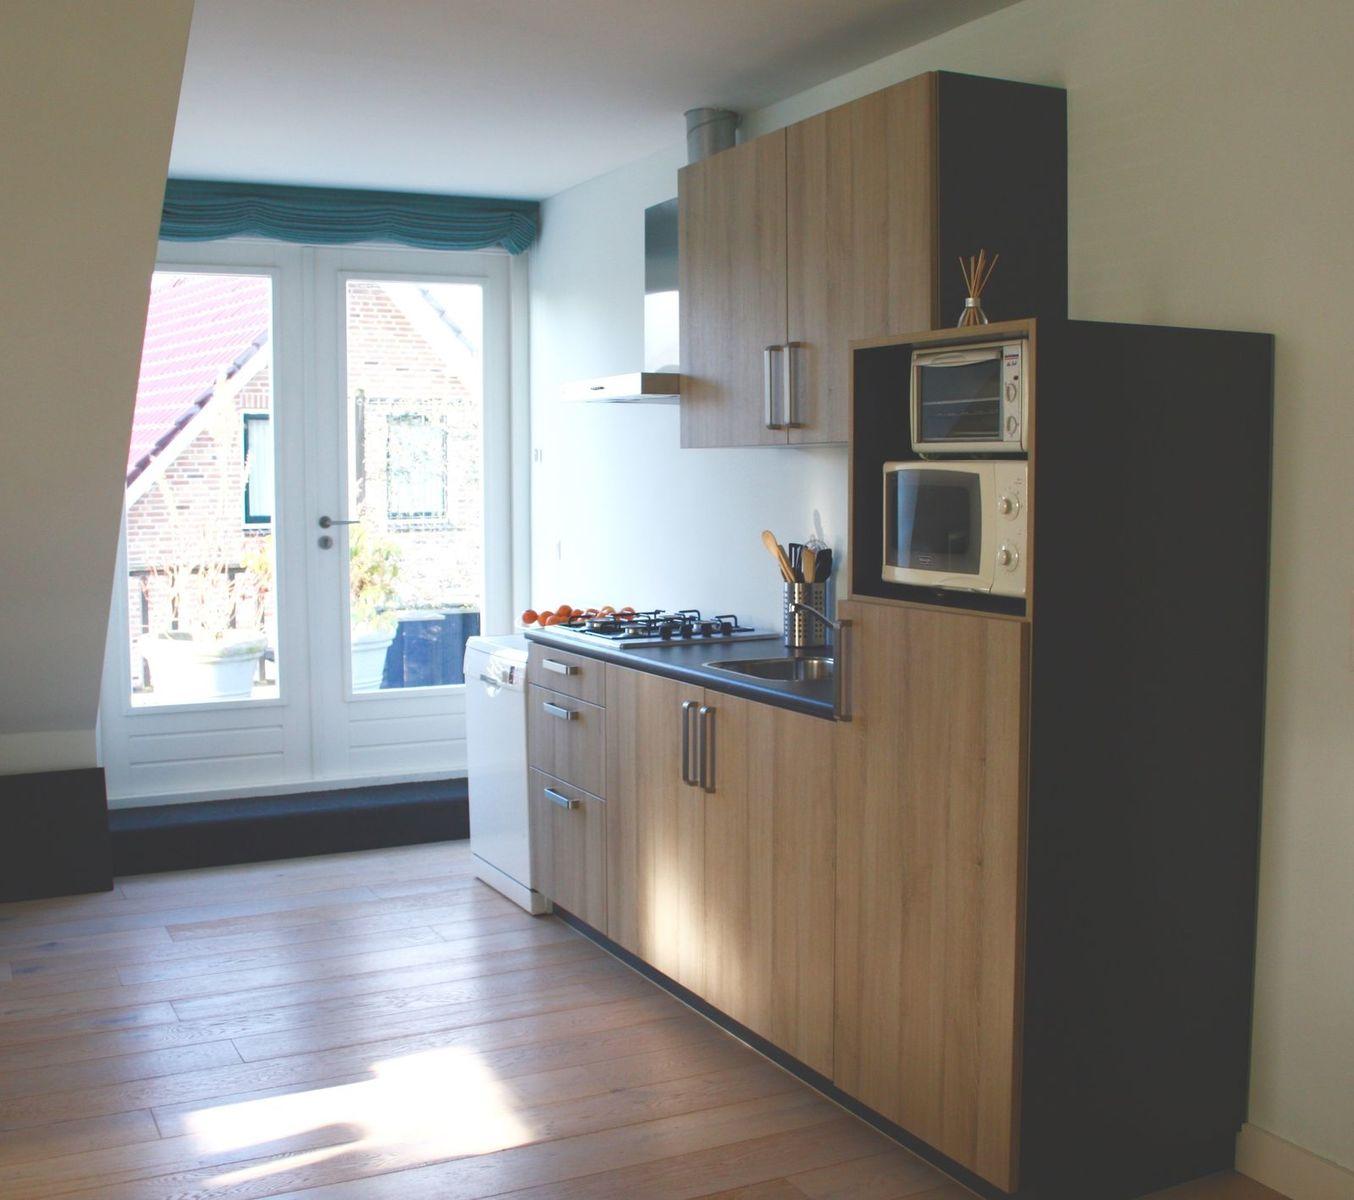 Appartement Hofdijksweg 6 personen - Ouddorp